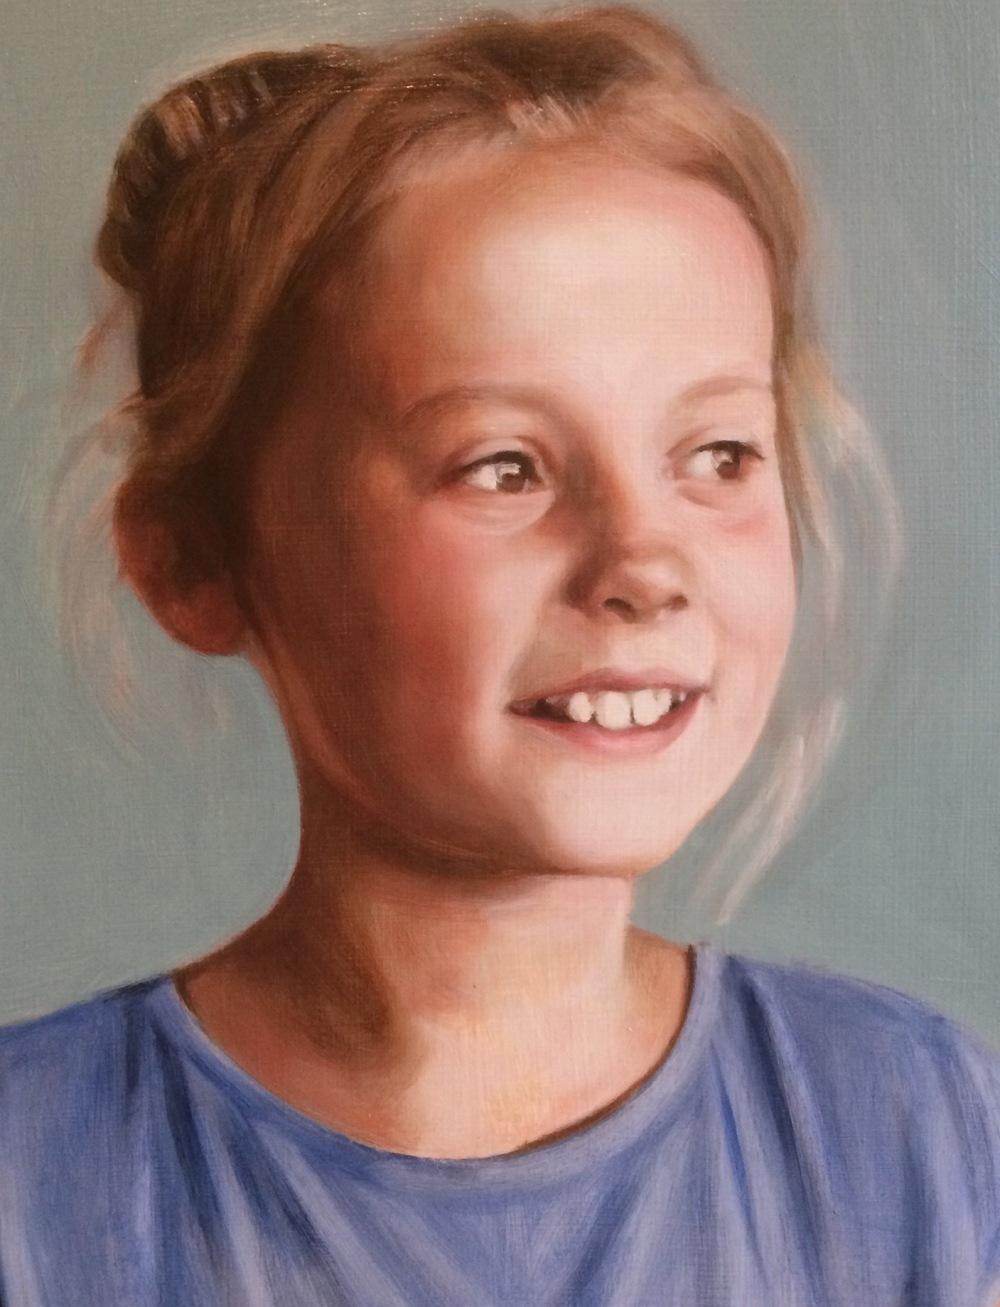 3rd oil glaze on a grisaille portrait, from a portrait painting commission by British portrait painter Matt Harvey